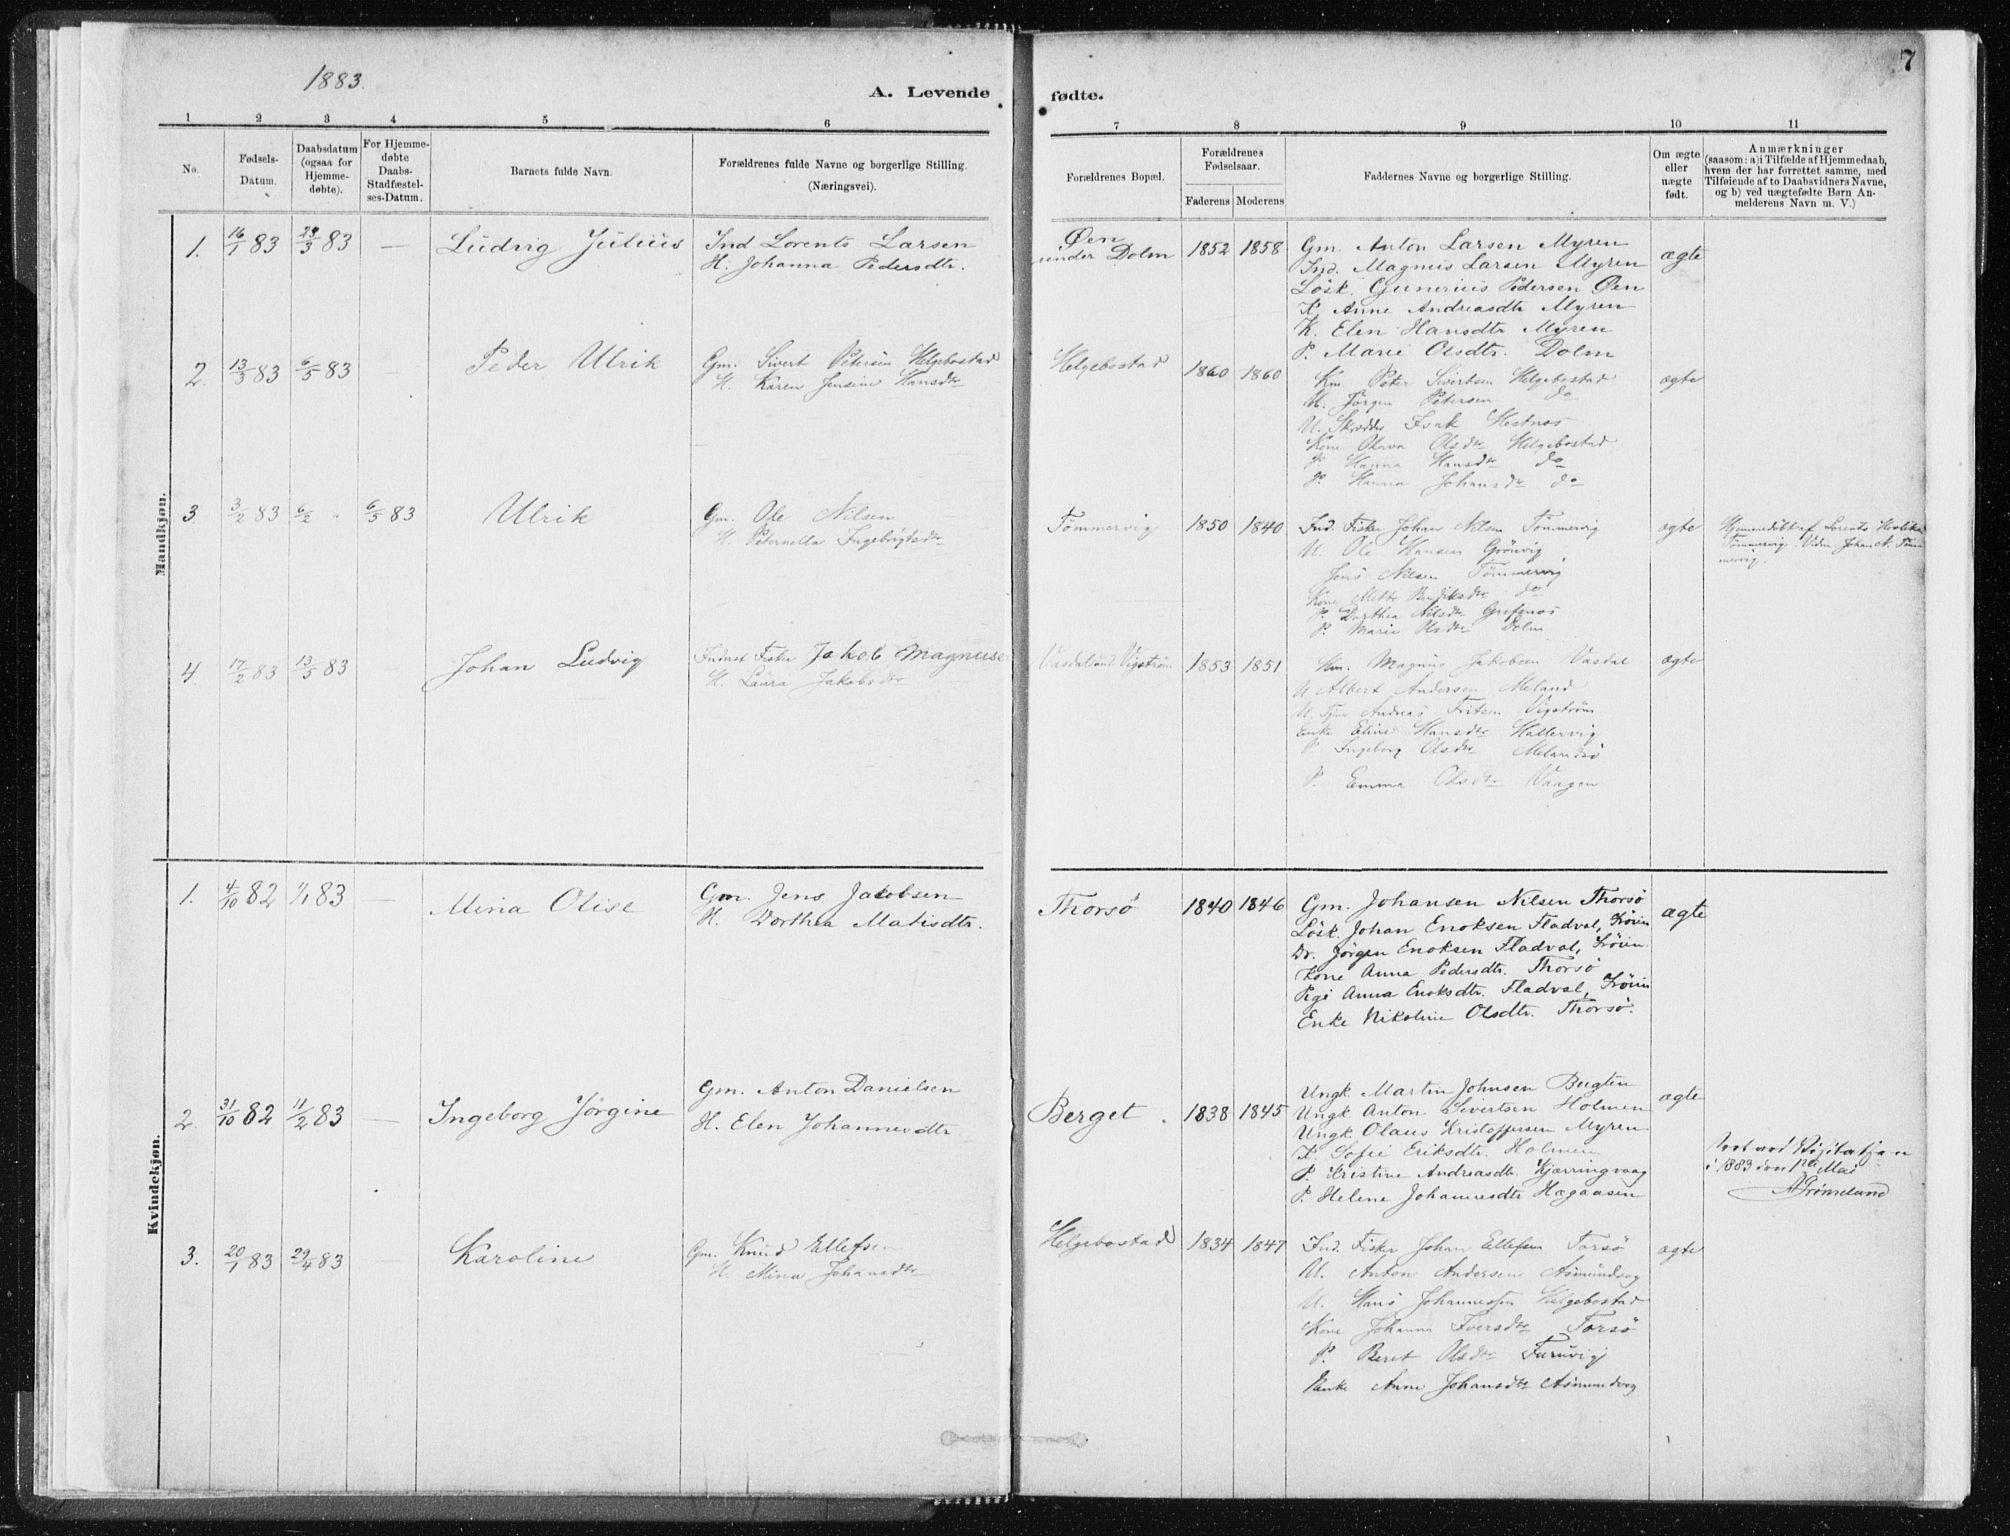 SAT, Ministerialprotokoller, klokkerbøker og fødselsregistre - Sør-Trøndelag, 634/L0533: Ministerialbok nr. 634A09, 1882-1901, s. 7